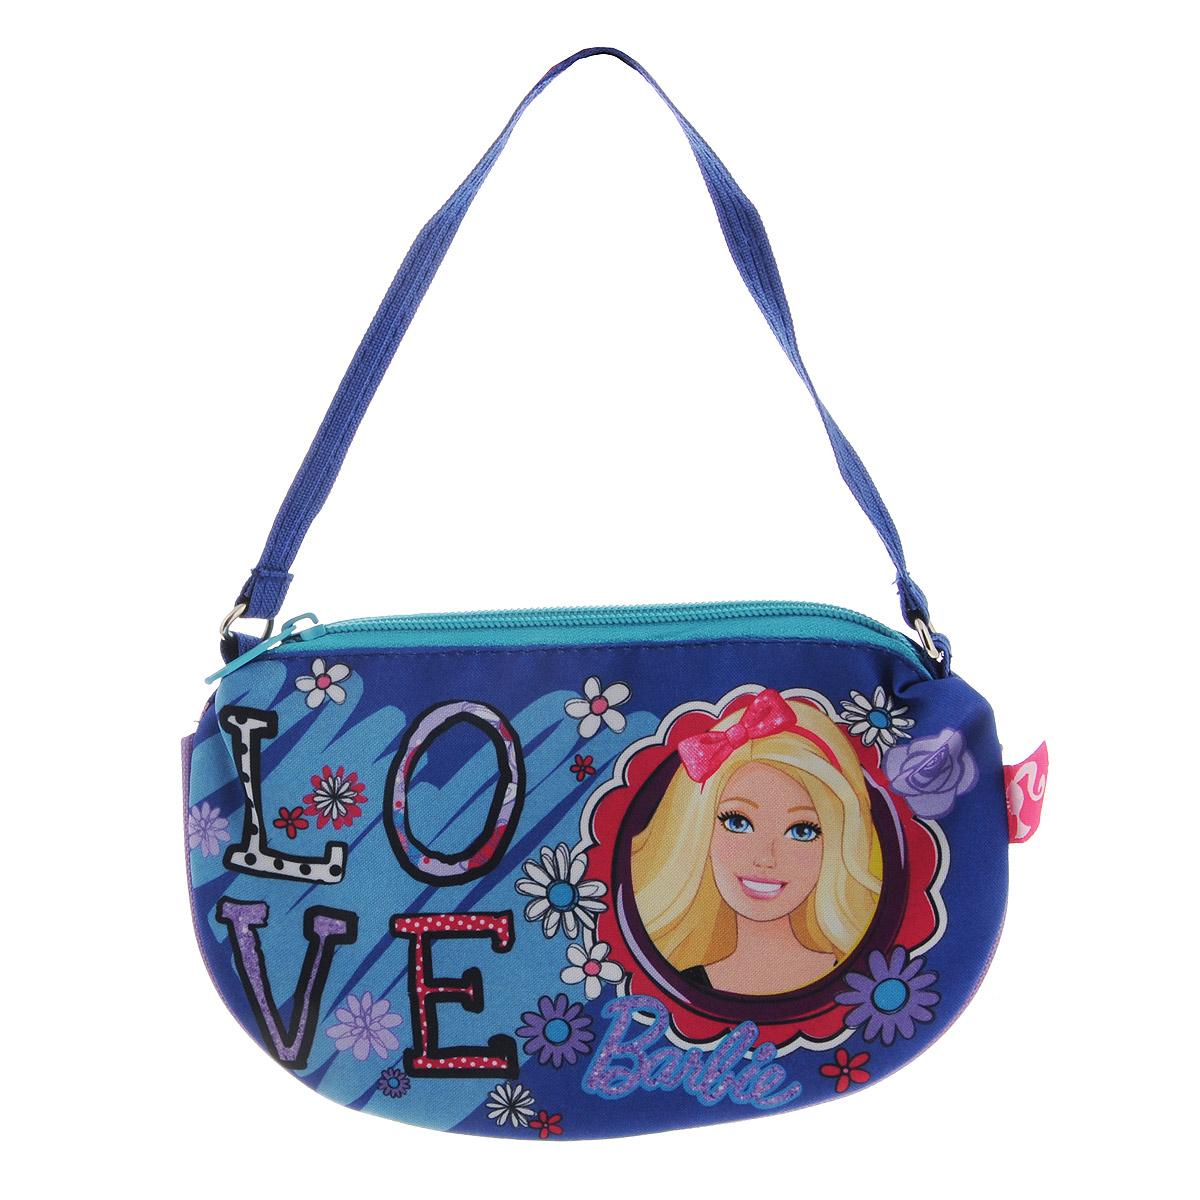 Сумочка Barbie, цвет: синий. BRCB-UT4-4017BRCB-UT4-4017Яркая сумочка Barbie станет незаменимым аксессуаром для вашей маленькой модницы! Она изготовлена из текстильного материала и оформлена объемной аппликацией в виде изображения любимой сказочной героини. Сумка имеет одно отделение и закрывается на застежку-молнию. Ваша малышка с удовольствием будет носить в ней свои вещи, любимые игрушки или аксессуары. Порадуйте ее таким замечательным подарком!